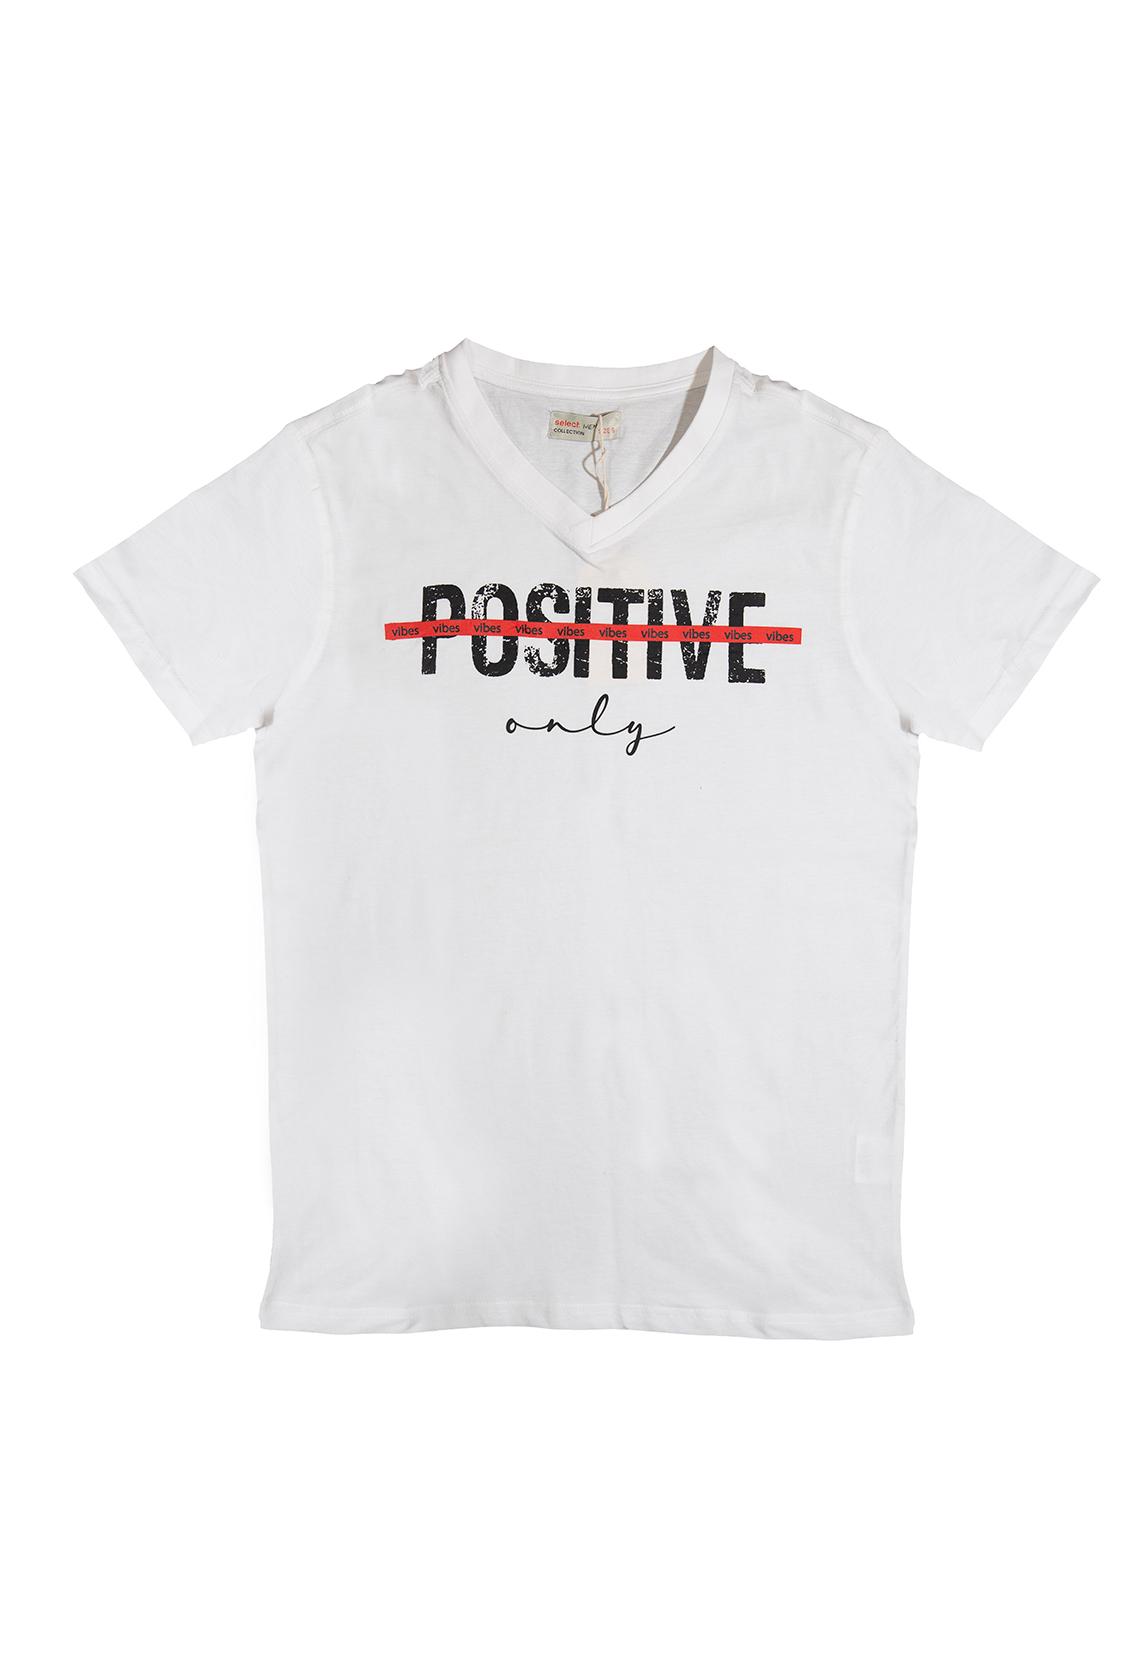 חולצת POSITIVE לבנה